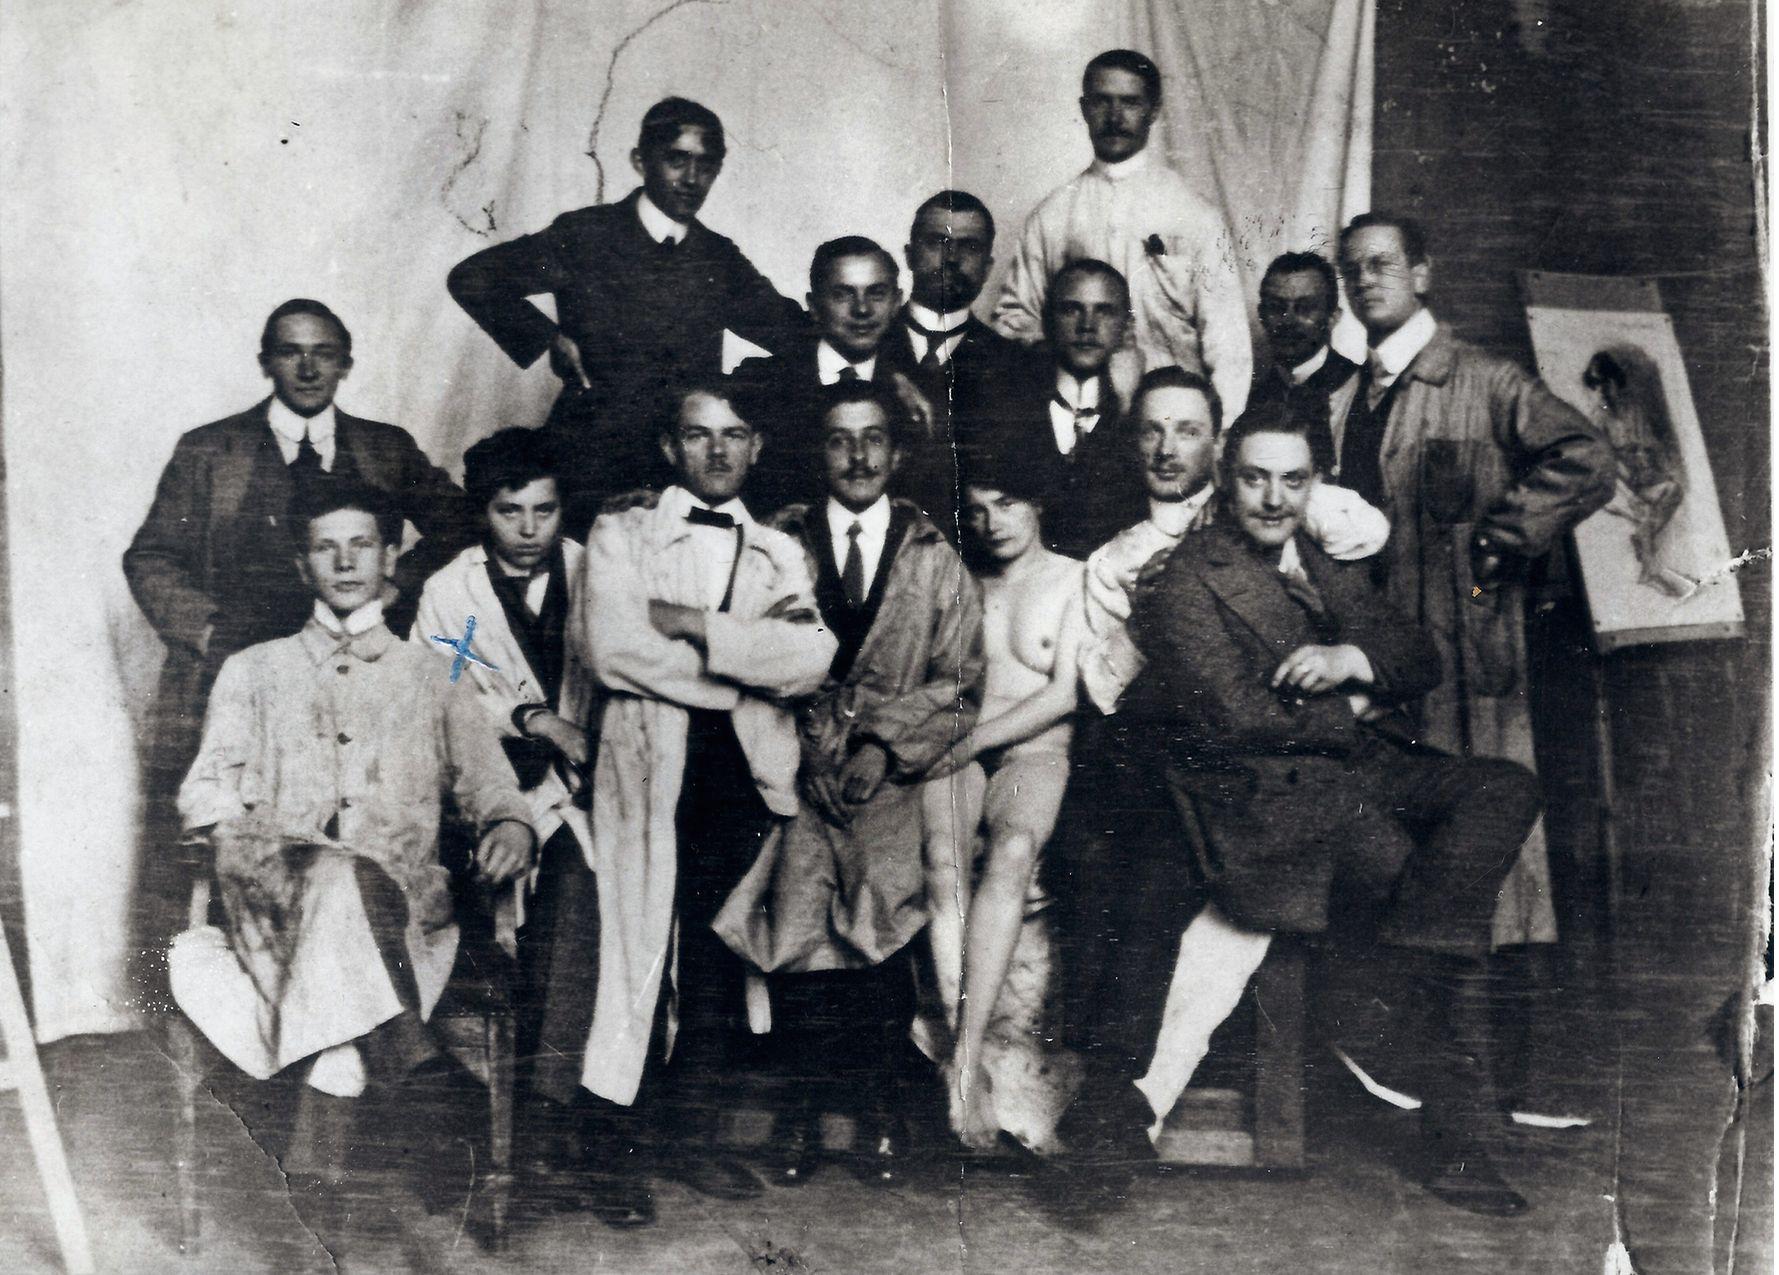 Akademia Sztuk Pięknych w Monachium, 1911/1912 r. Zofia Lubańska (jako Tadeusz Grzymała) druga od lewej (fot. archiwum rodziny Stryjeńskich)